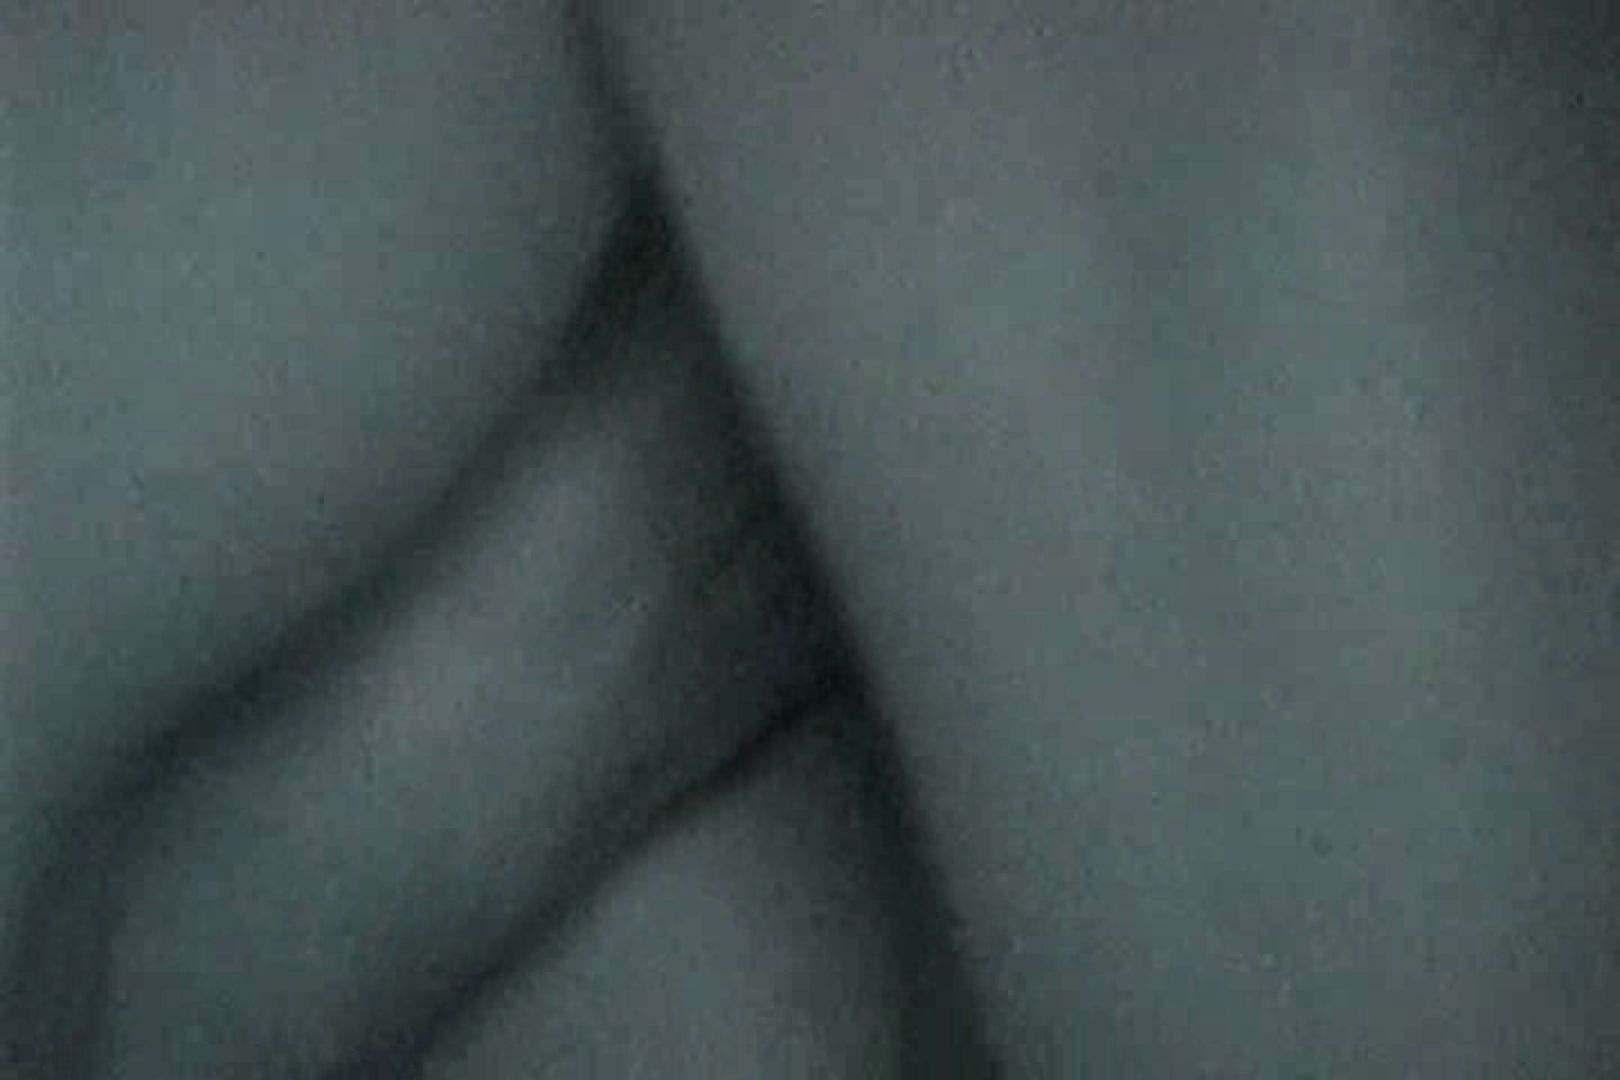 充血監督の深夜の運動会Vol.138 クンニ のぞきおめこ無修正画像 65連発 31